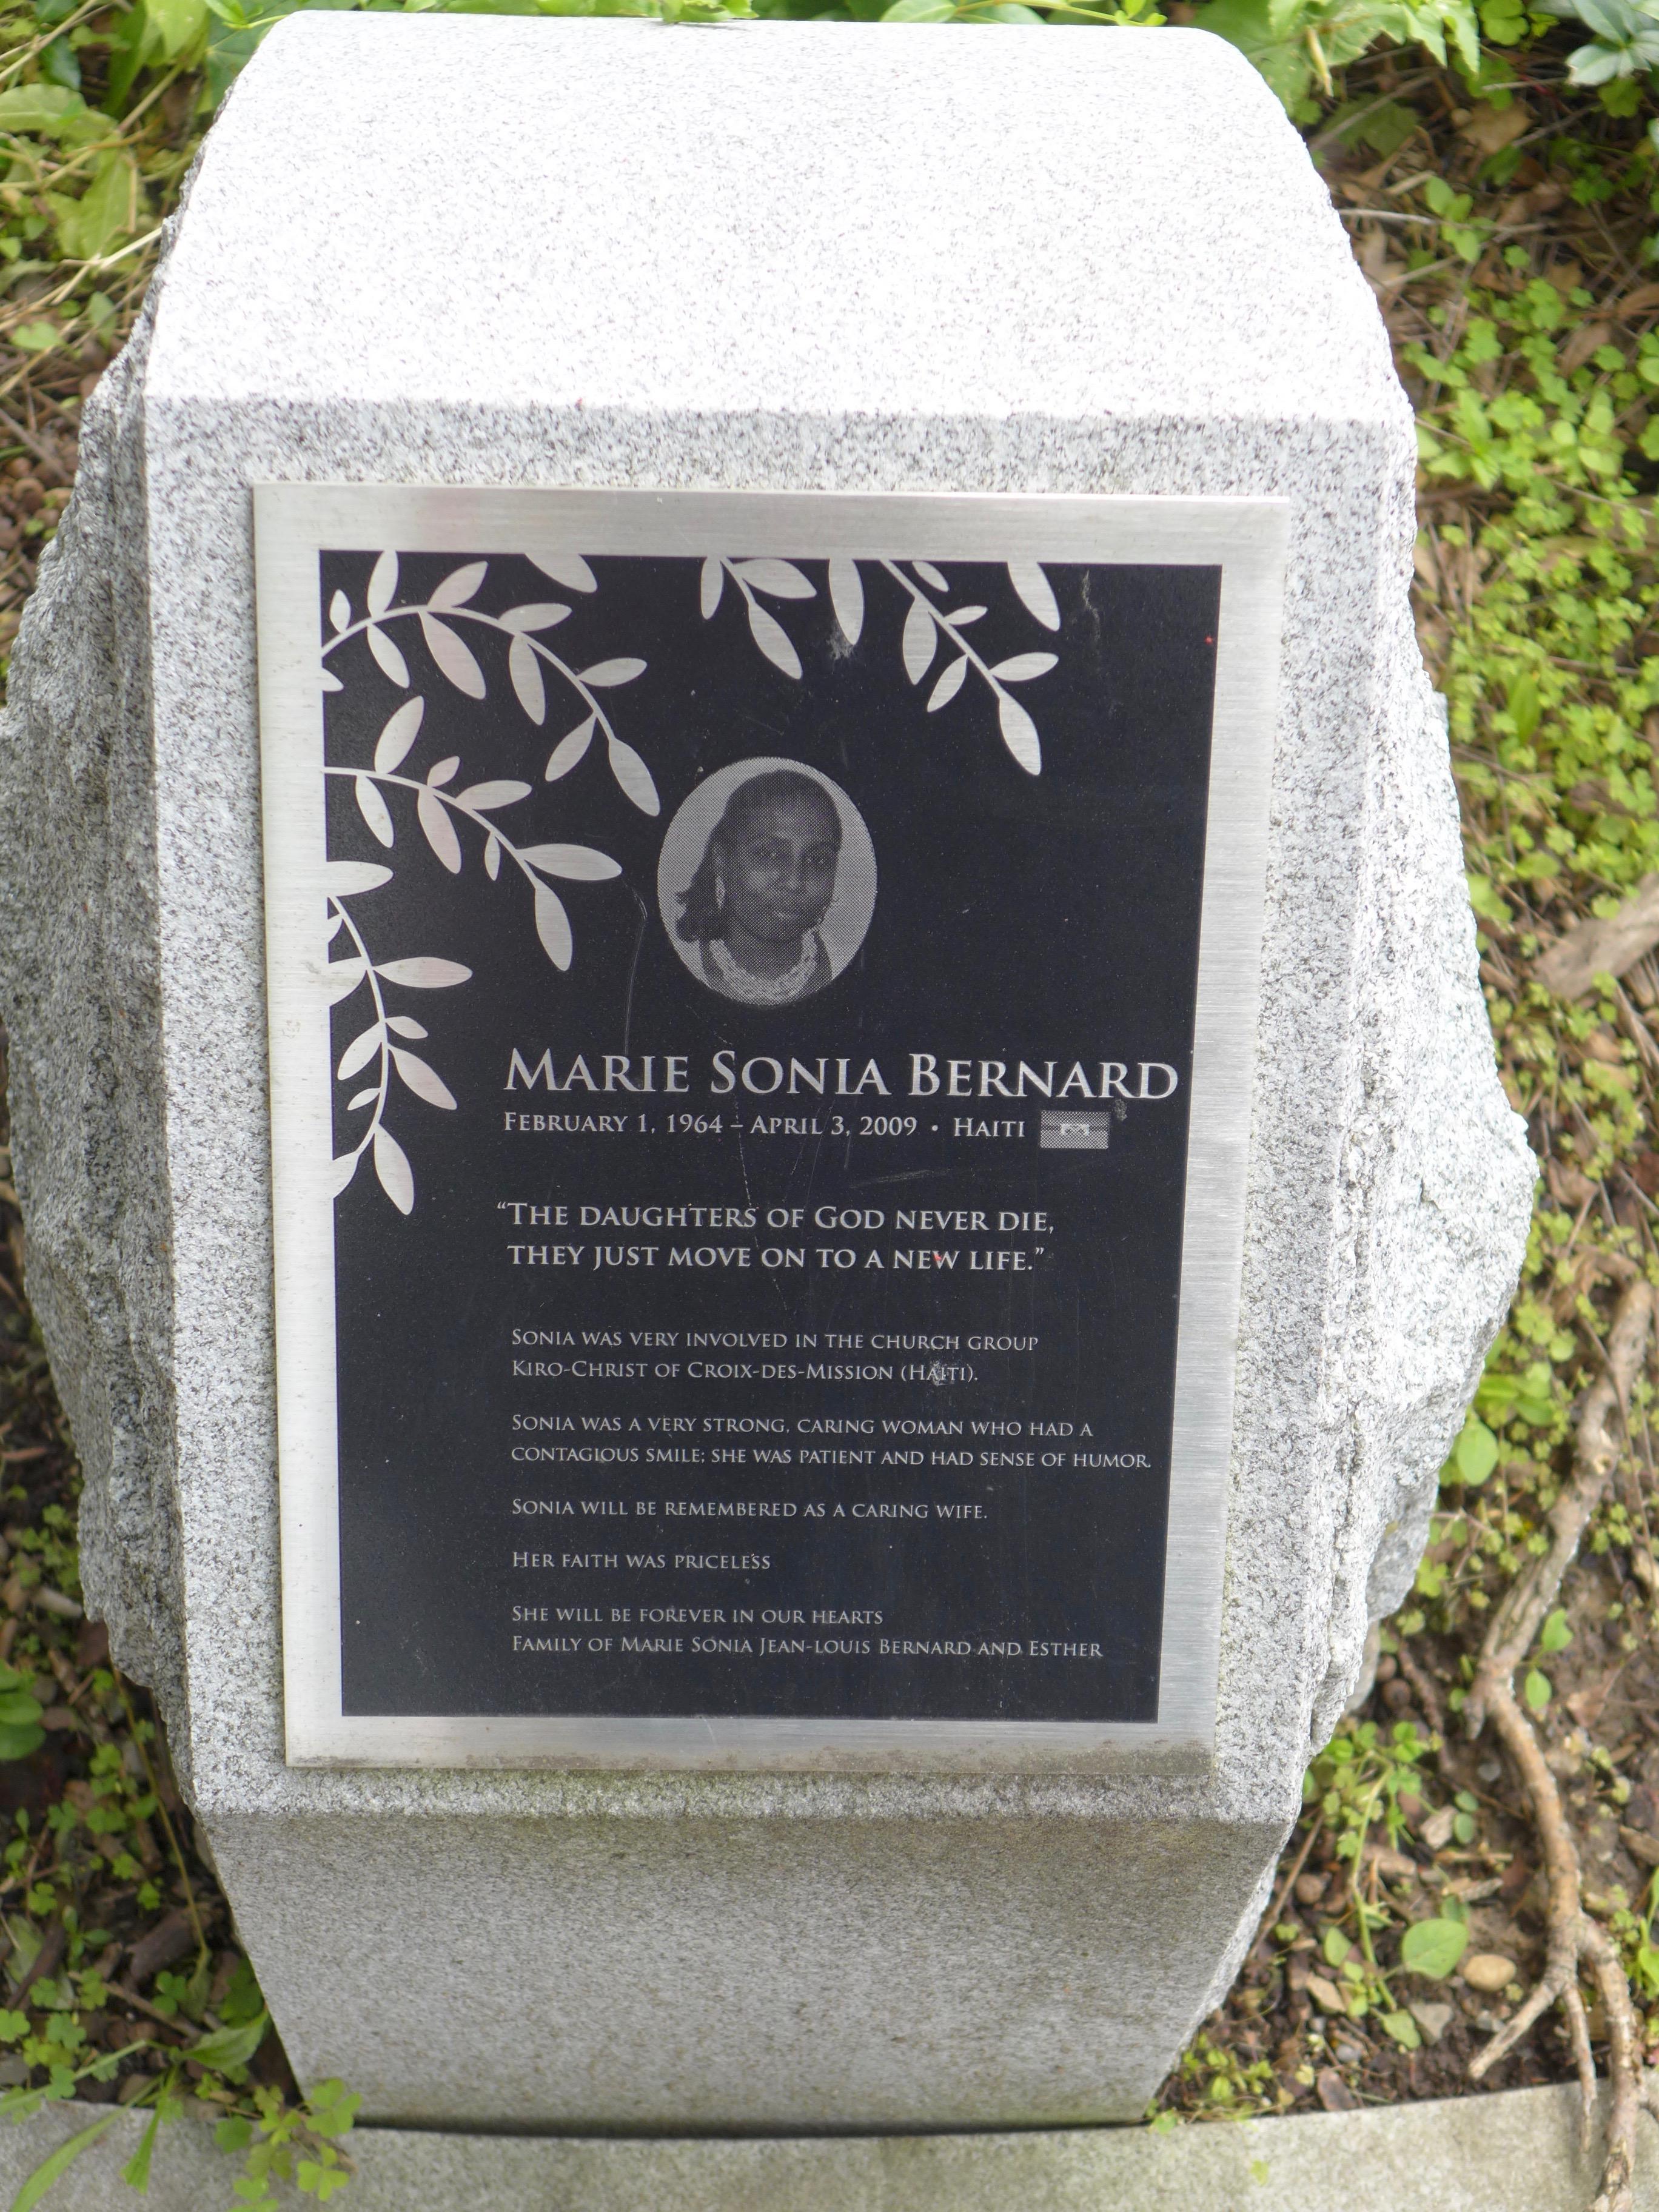 Memorial stone: Marie Sonia Bernard / Haiti